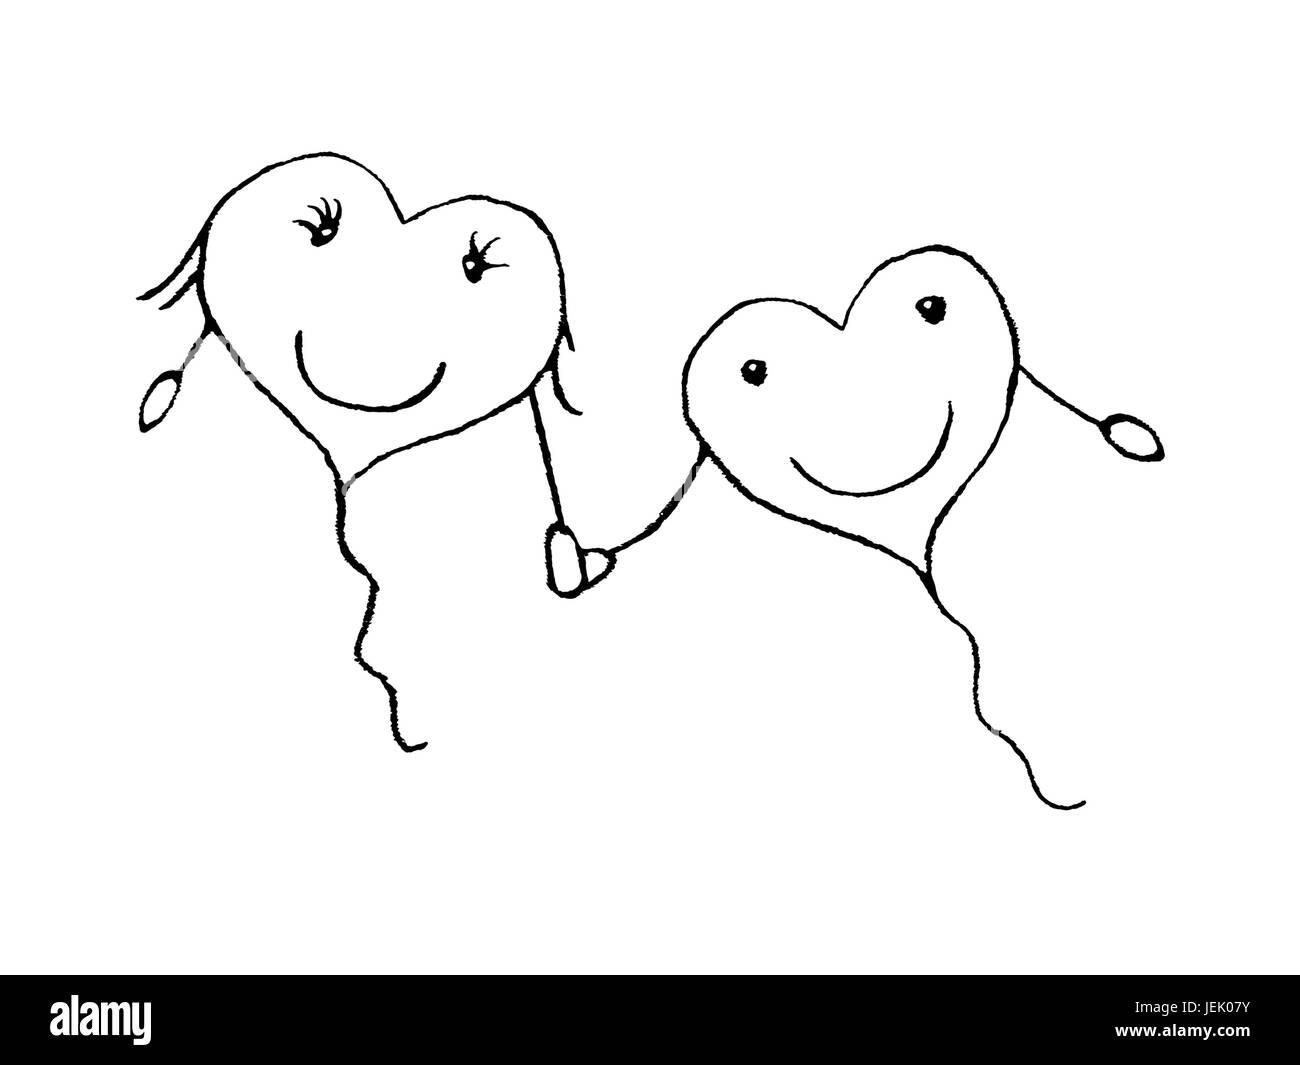 Amor Pareja Concepto Dibujo A Lápiz Foto Imagen De Stock